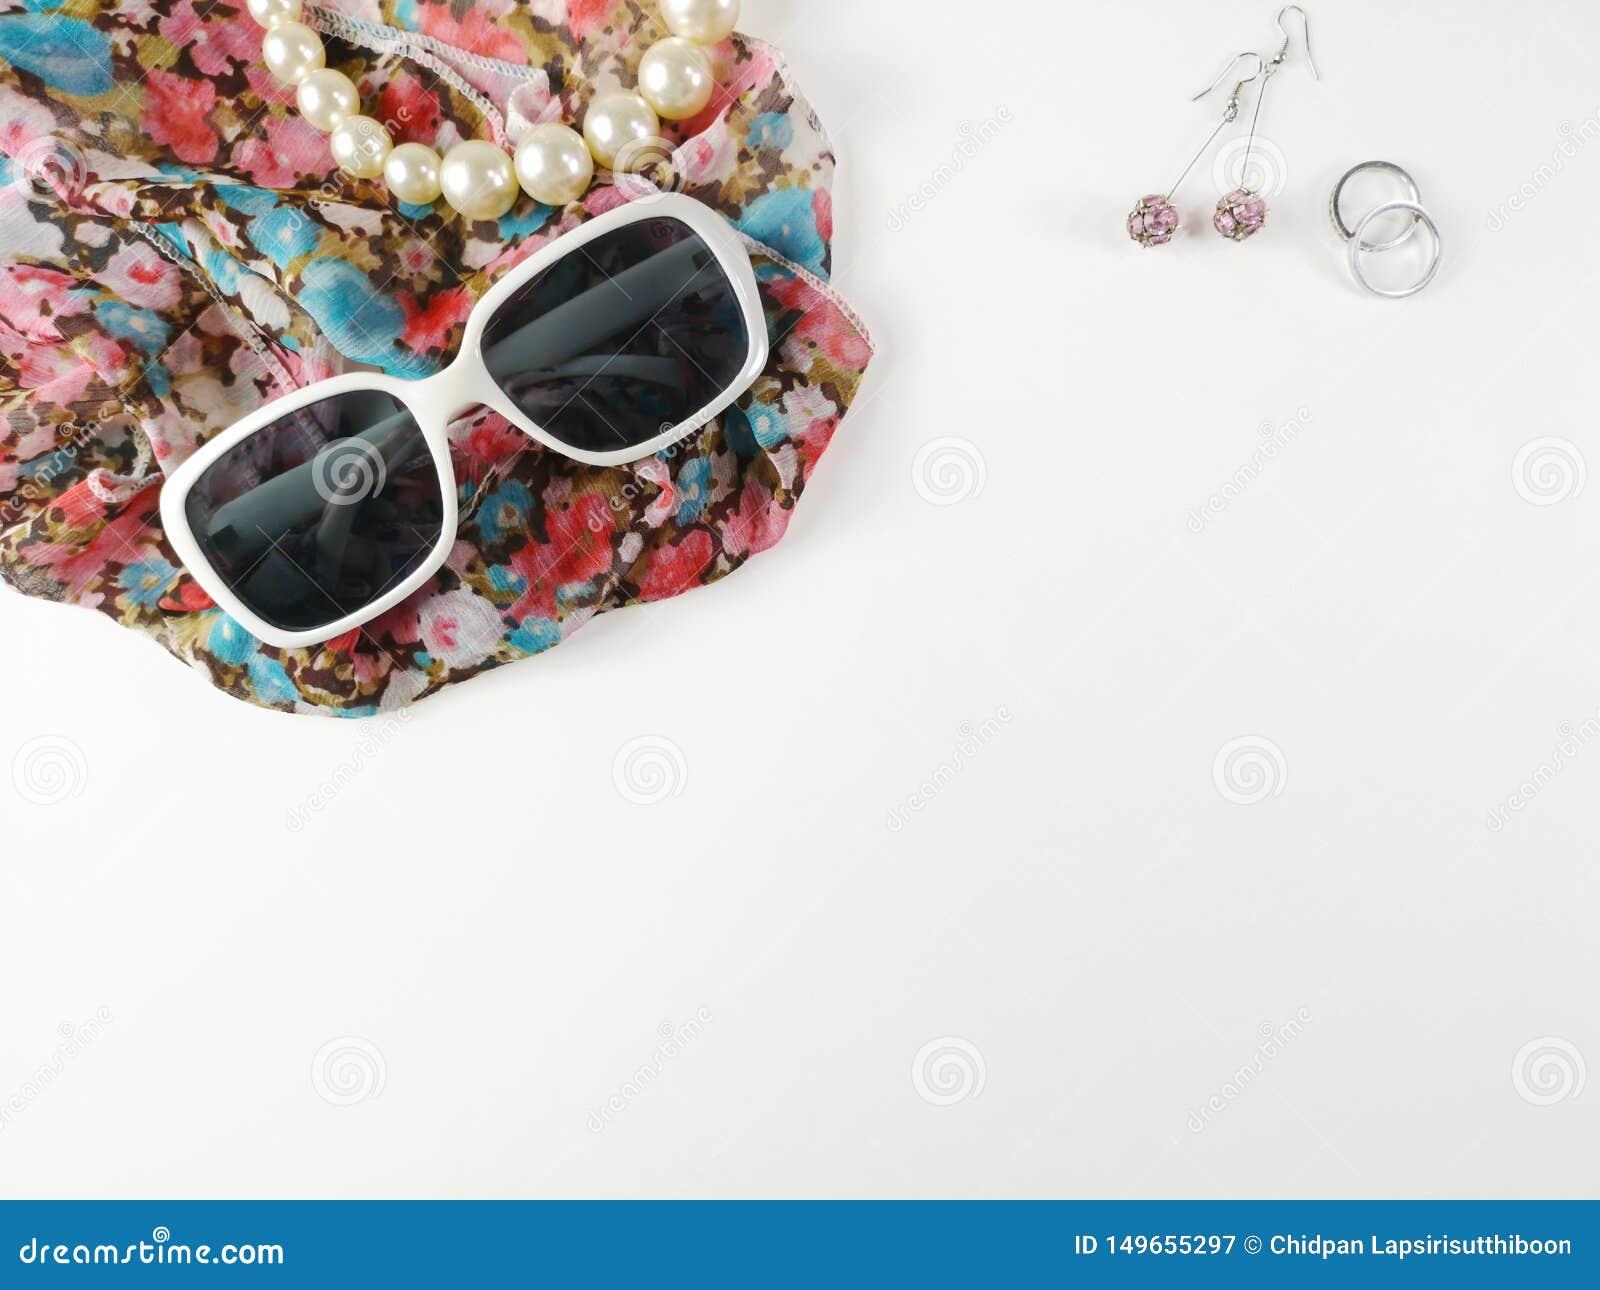 Gafas de sol y collares hechos de perlas, colocado en velos de la moda y pendientes